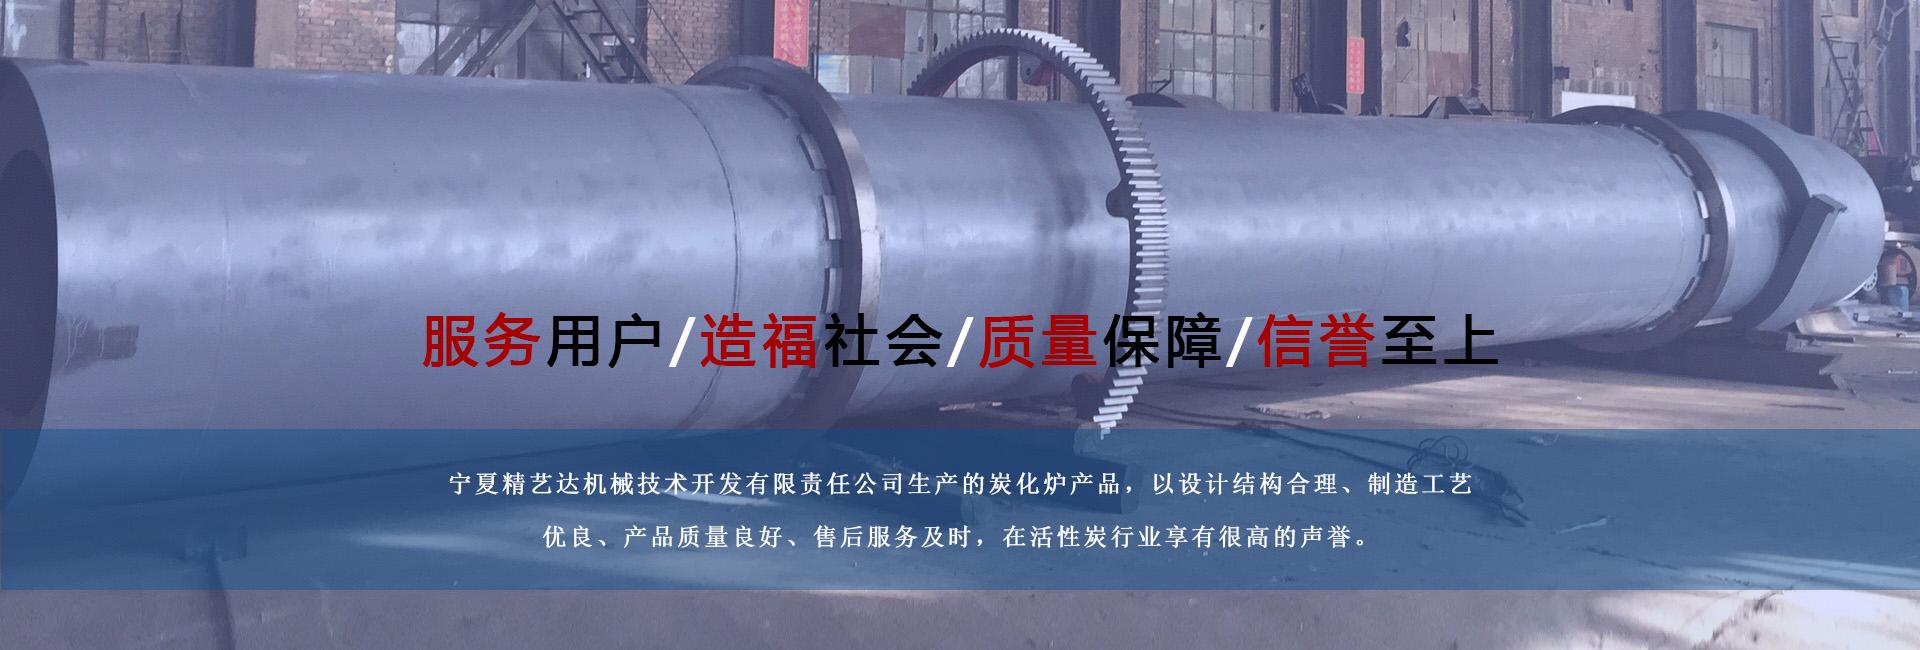 宁夏炭化炉